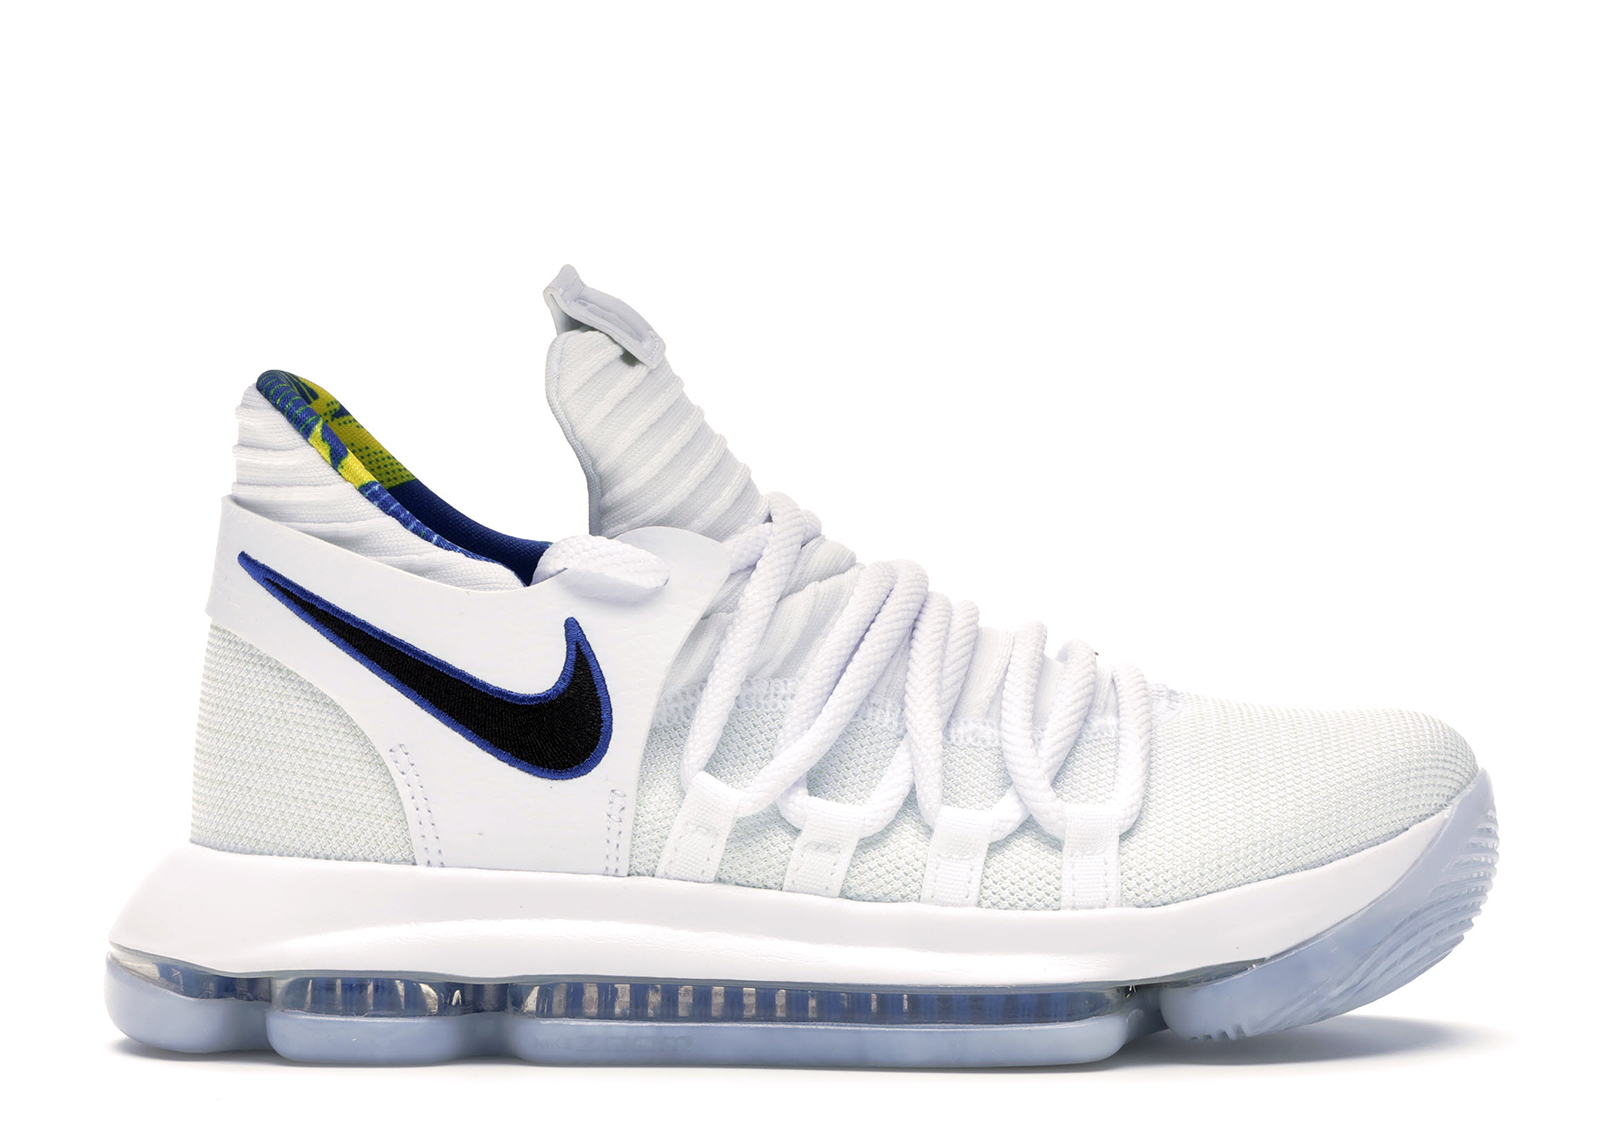 GS White Game Royal AJ7781-101 Youth Size 6.5Y Nike Zoom KD 10 X LMTD NBA